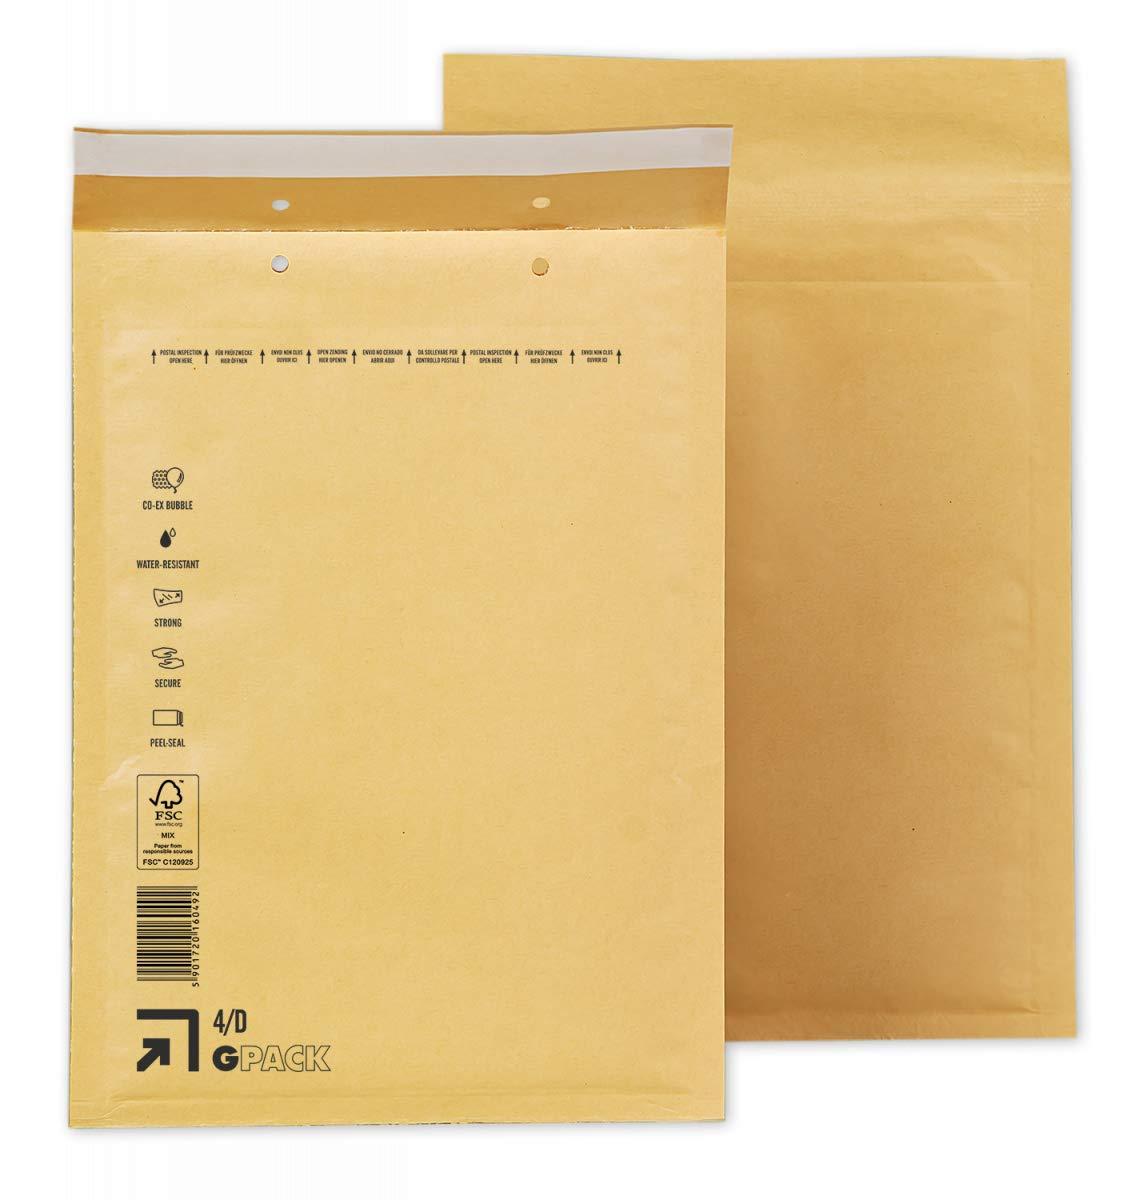 Größe 14D Luftpolstertaschen 4 D 800 Luftpolster-Versandtaschen weiß